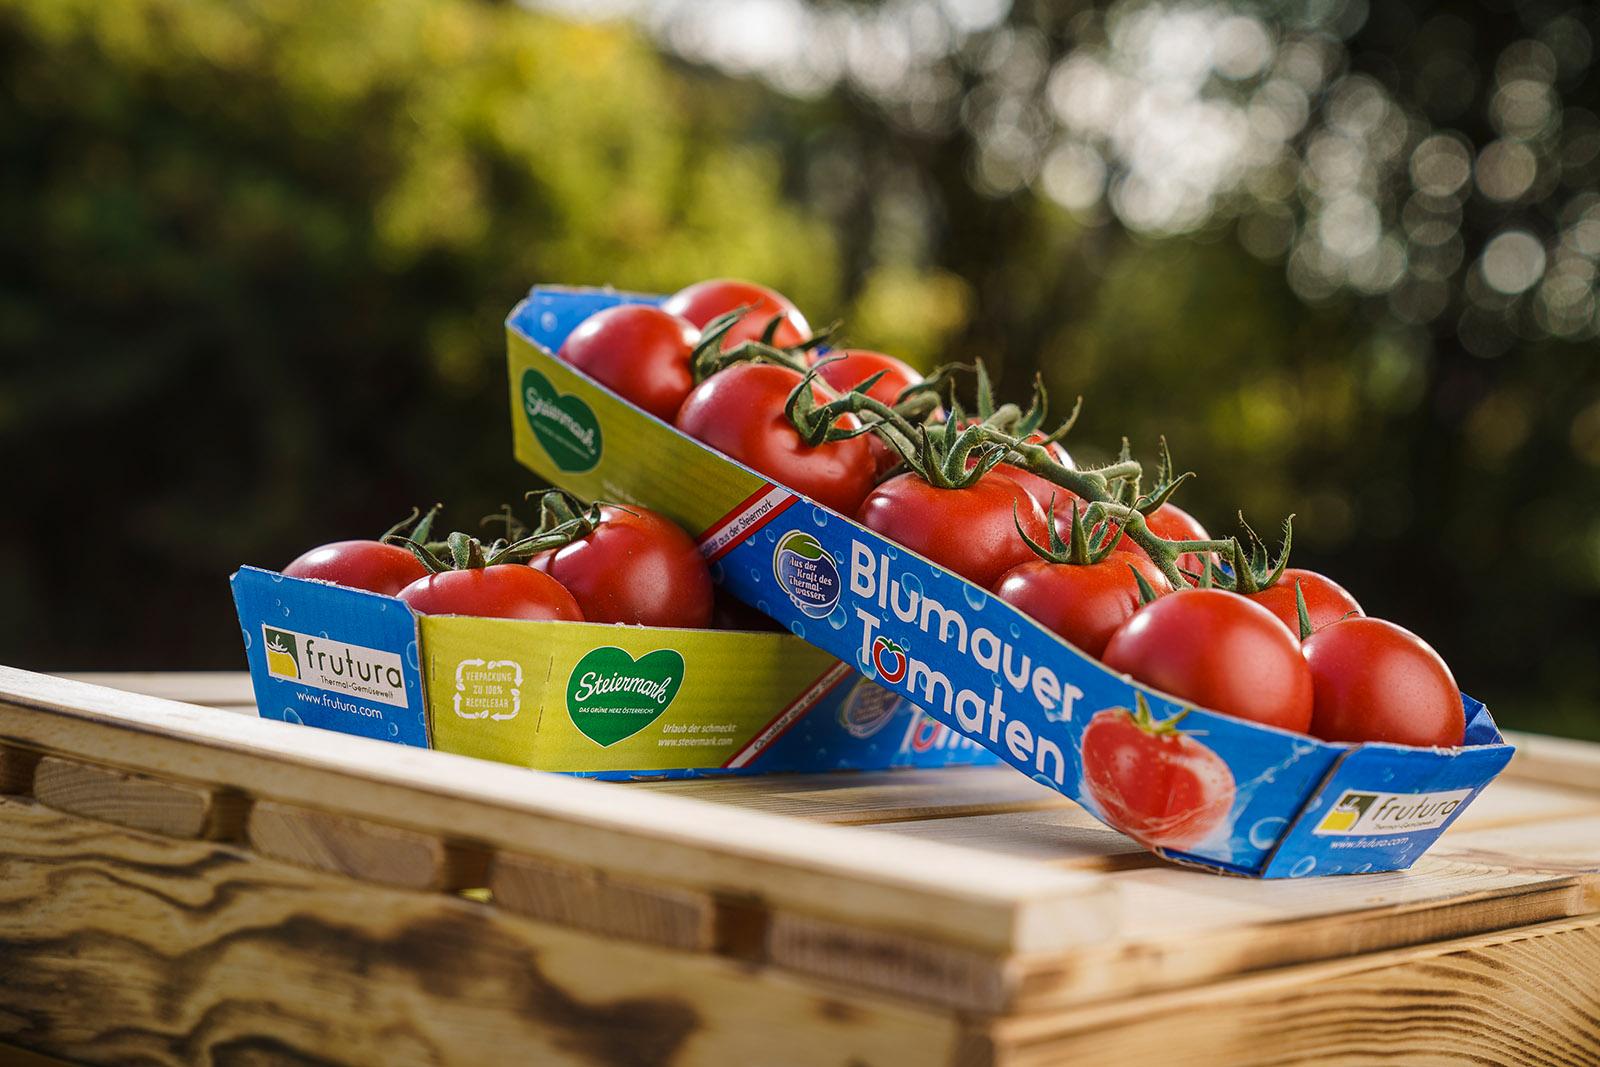 Die Blumauer Tomate, das Flaggschiff der Frutura Produkte in der klassischen nachhaltigen Verpackung